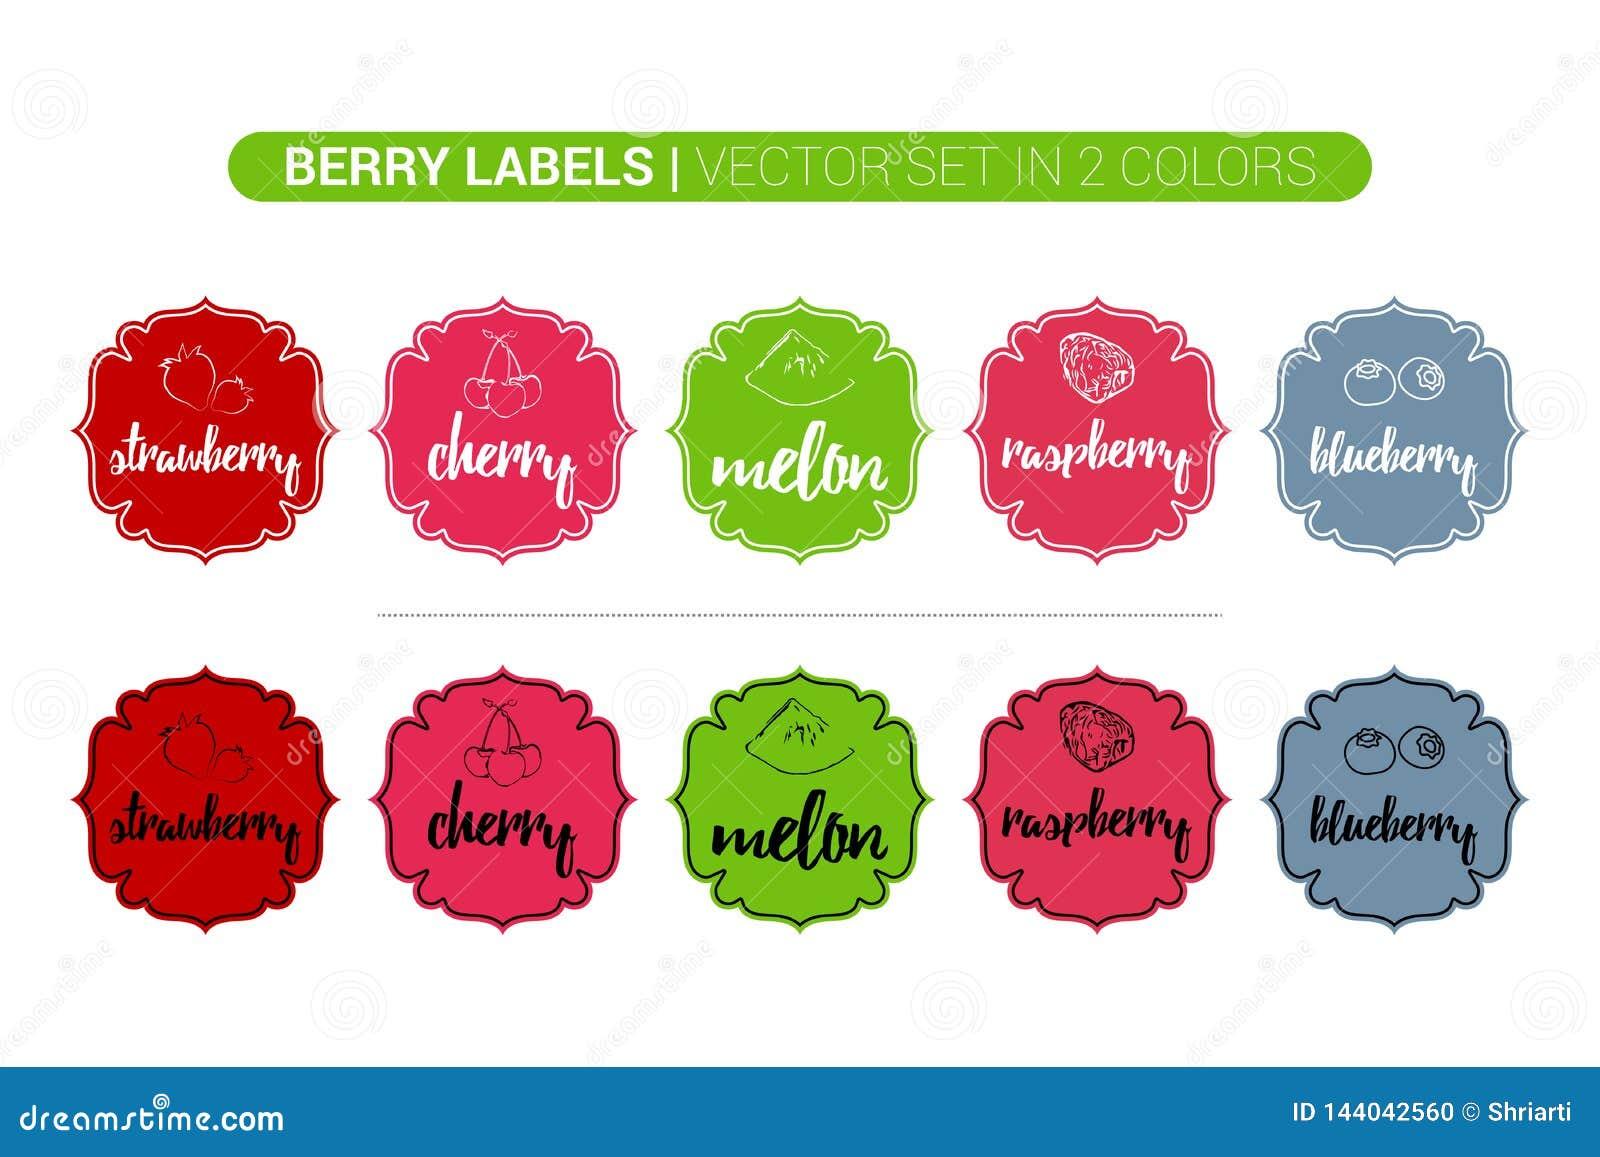 Berry Colorful-etiketreeks van aardbei, kers, meloen, framboos, bosbes Beeldverhaal Reclamestickers